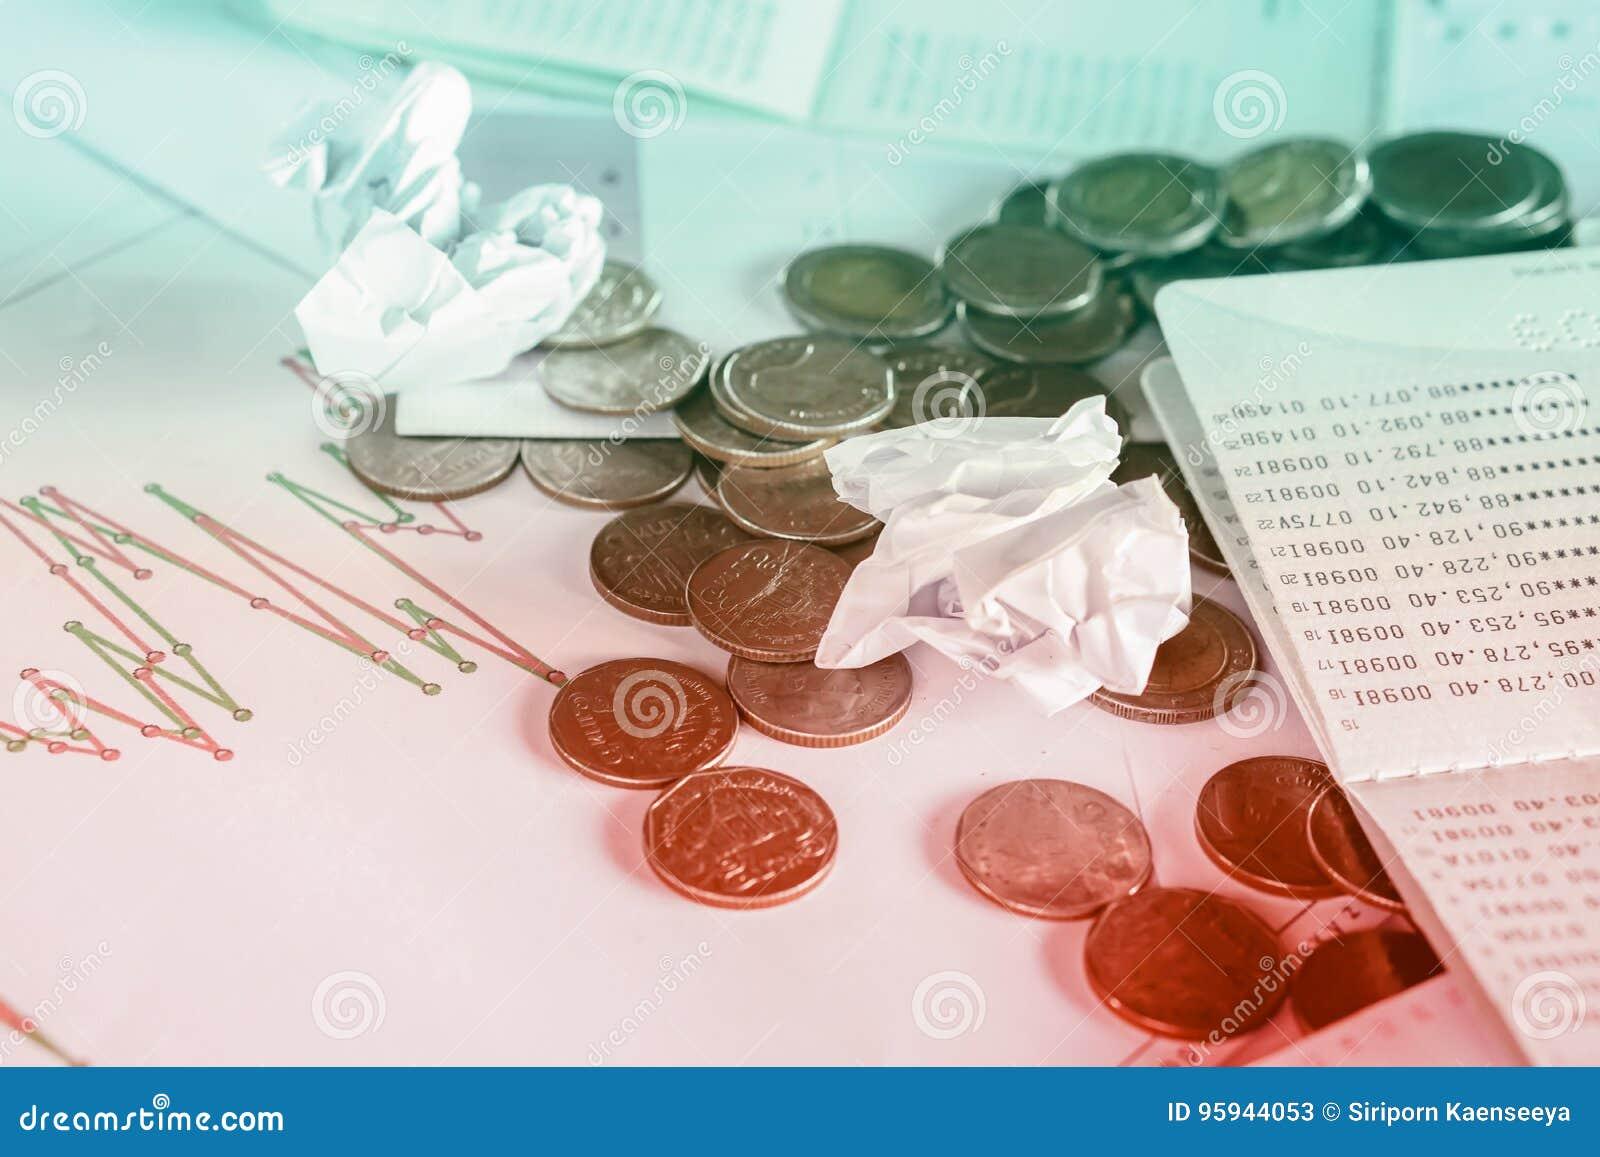 Bureau malpropre avec des pièces de monnaie, livre de comptes